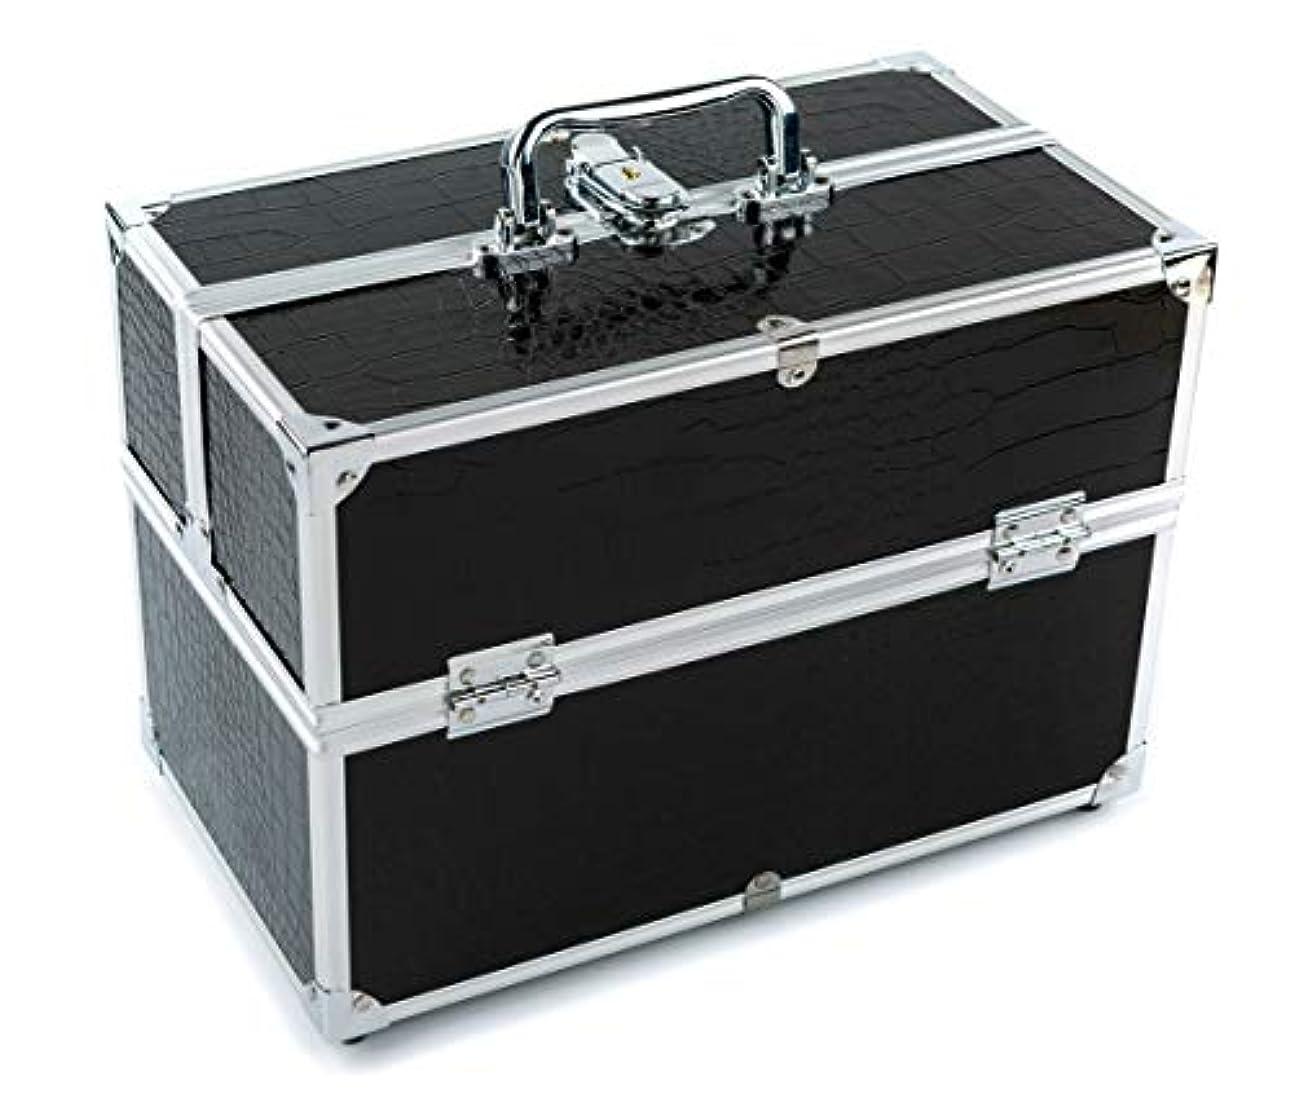 謙虚知覚相反するGOGOS メイクボックス 持ち運び 人気 かわいい アルミ制 大容量 化粧品収納ケース コスメBOX コスメボック 化粧道具入れ 化粧品収納 取っ手付 祝日プレゼント